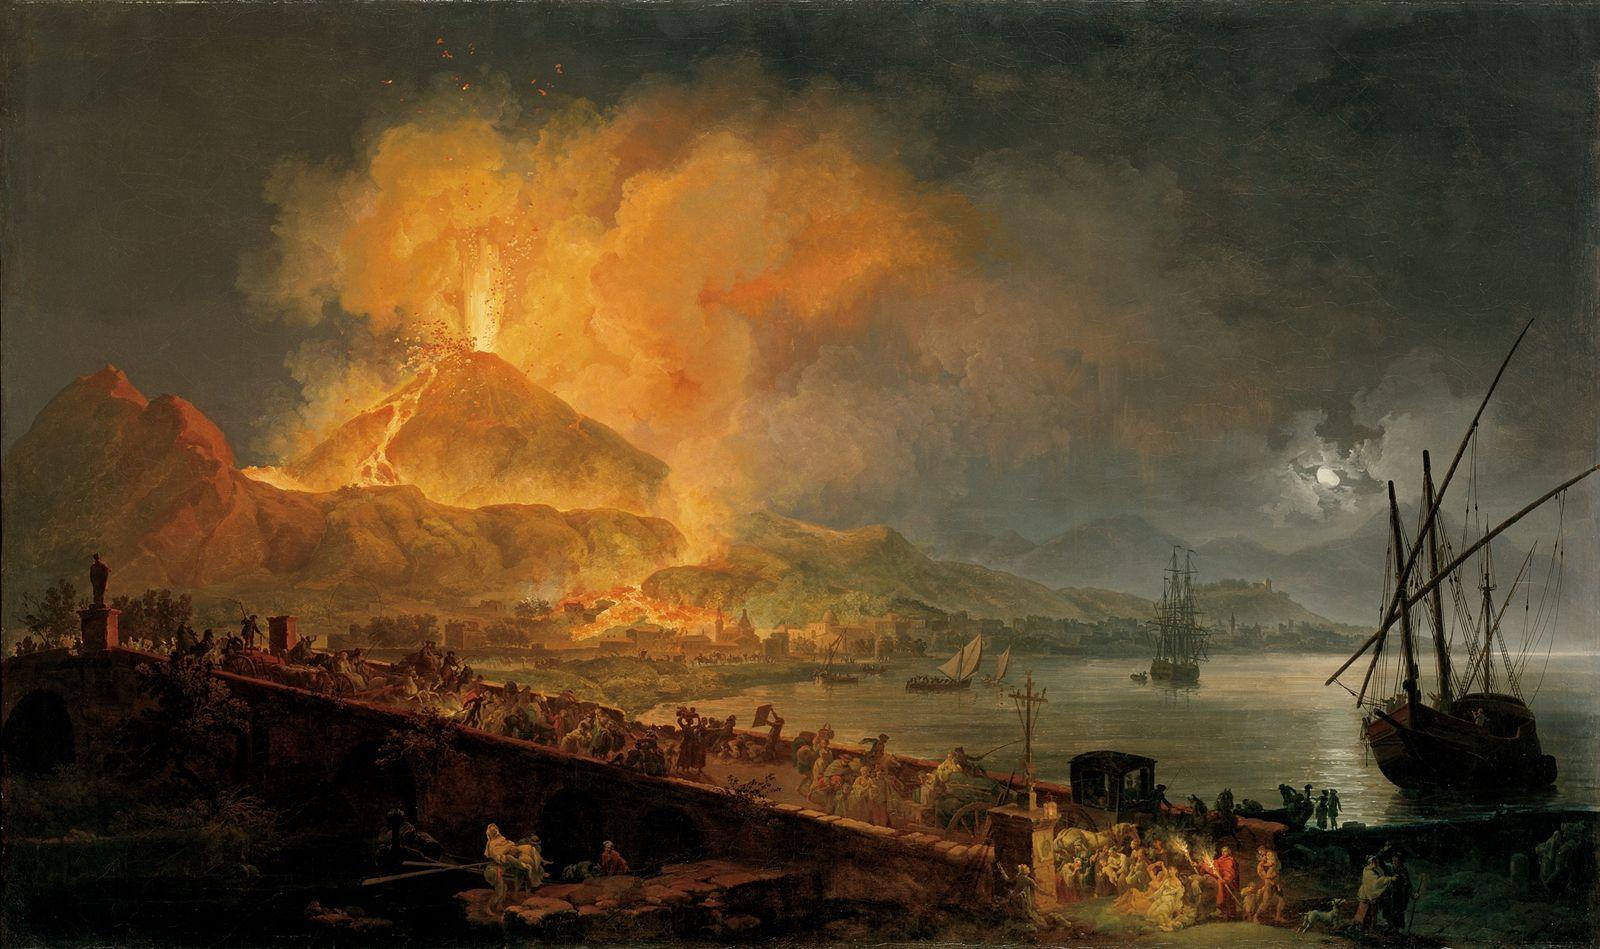 Mount Vesuvius 79 AD Eruption Ash Destroyed Pompeii And Herculaneum Micromount